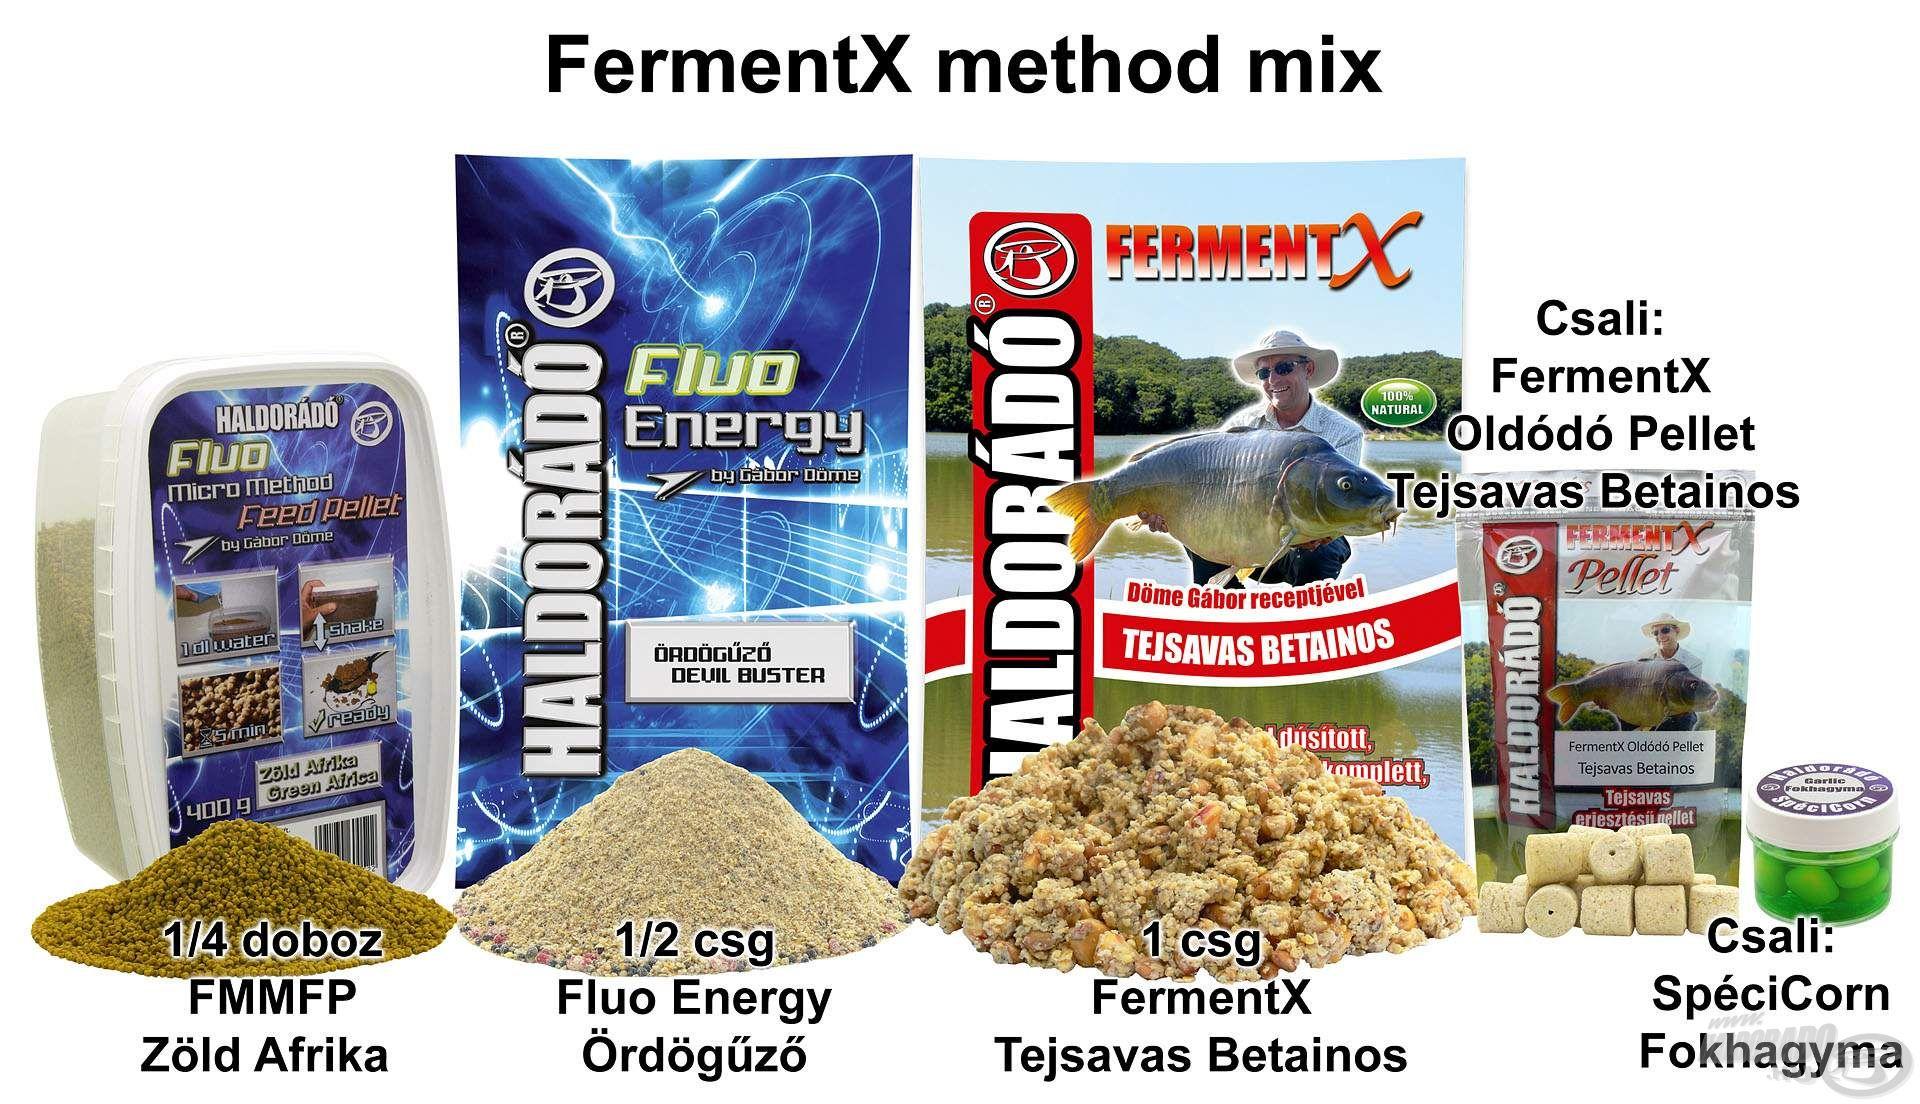 FermentX method mix